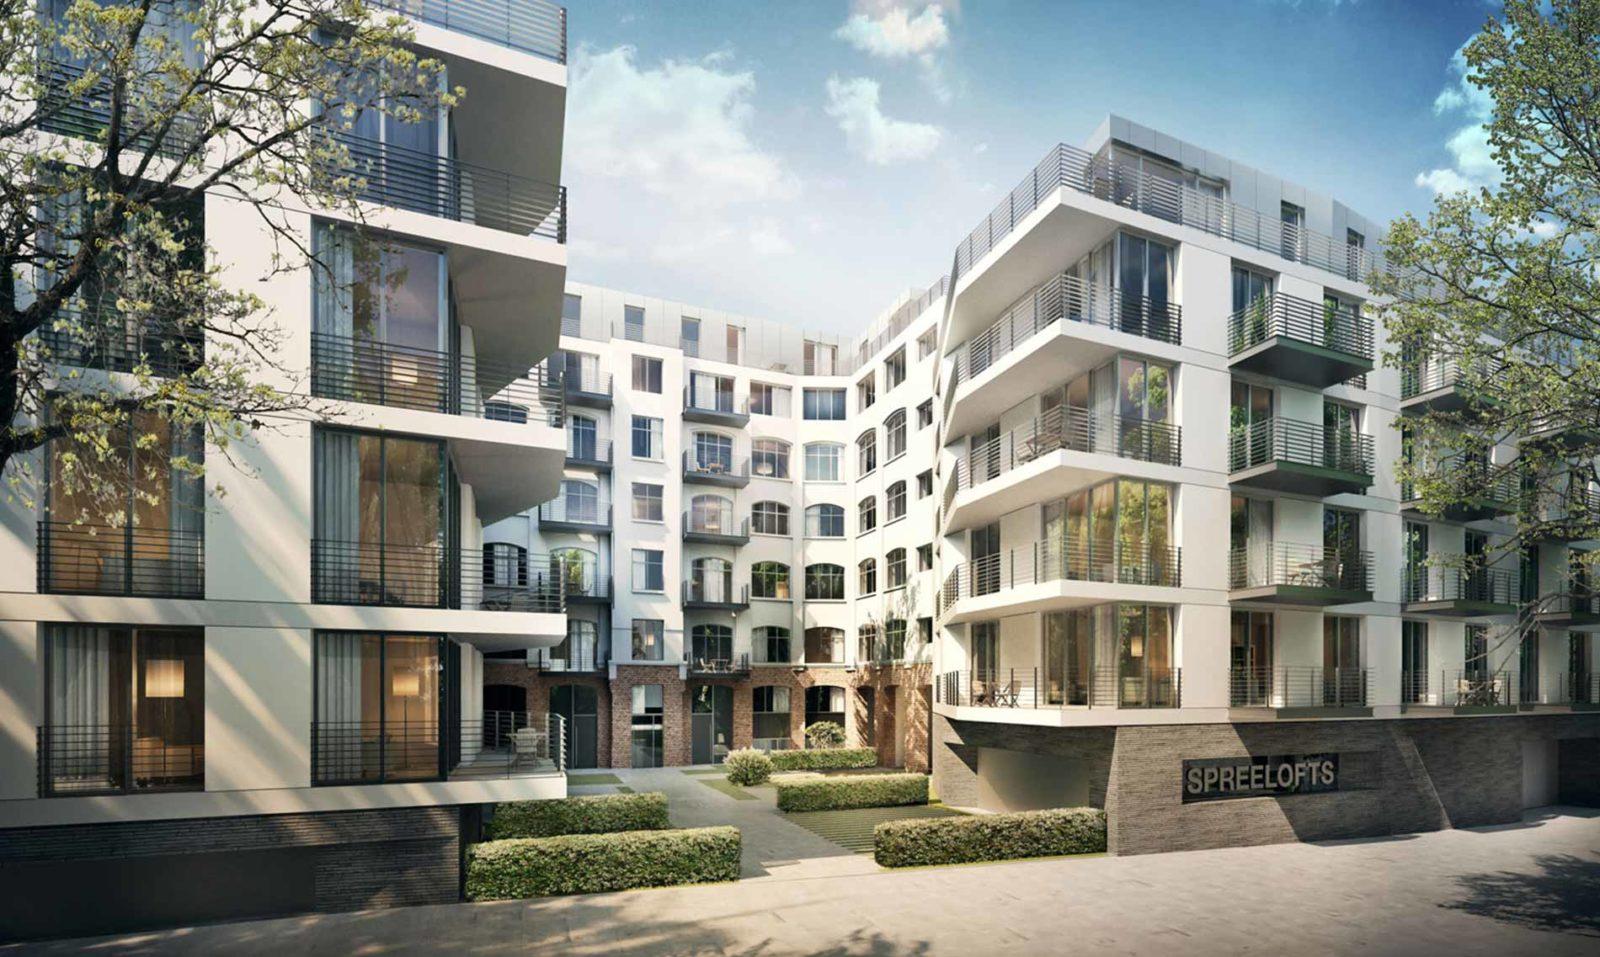 Berlin Spreelofts Immobilienprojekt